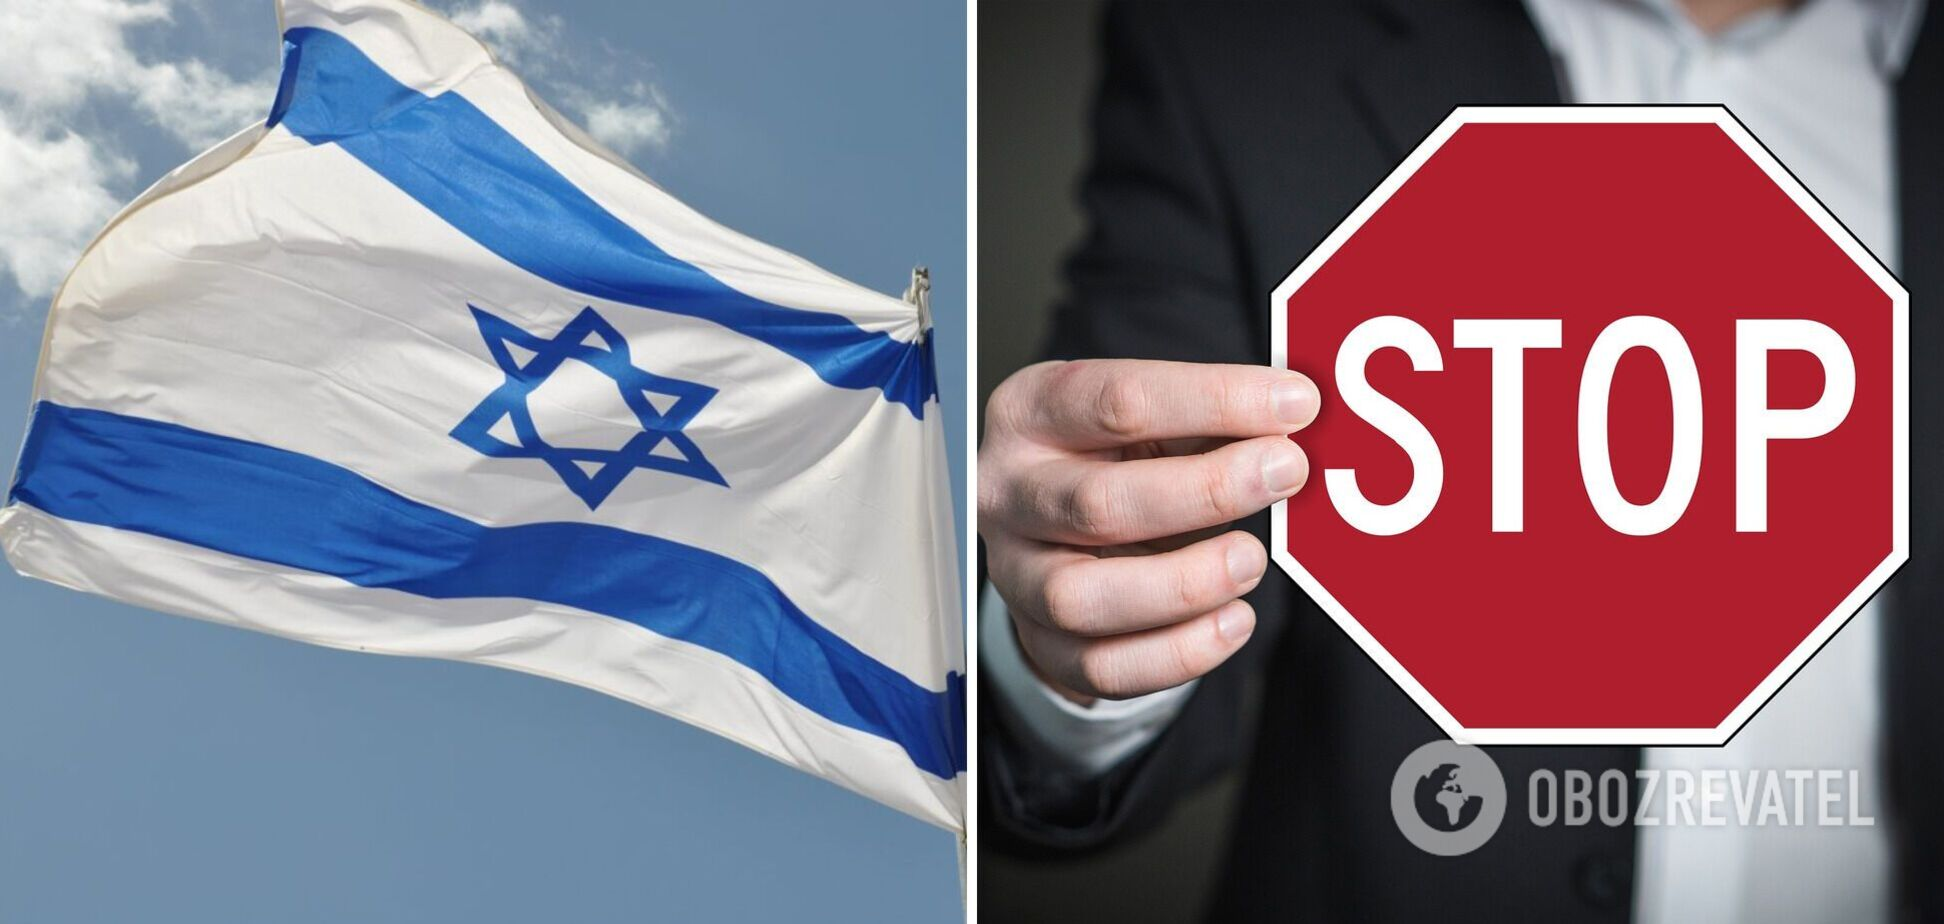 Ізраїль заборонив в'їзд для українців: у посольстві зажадали пояснень